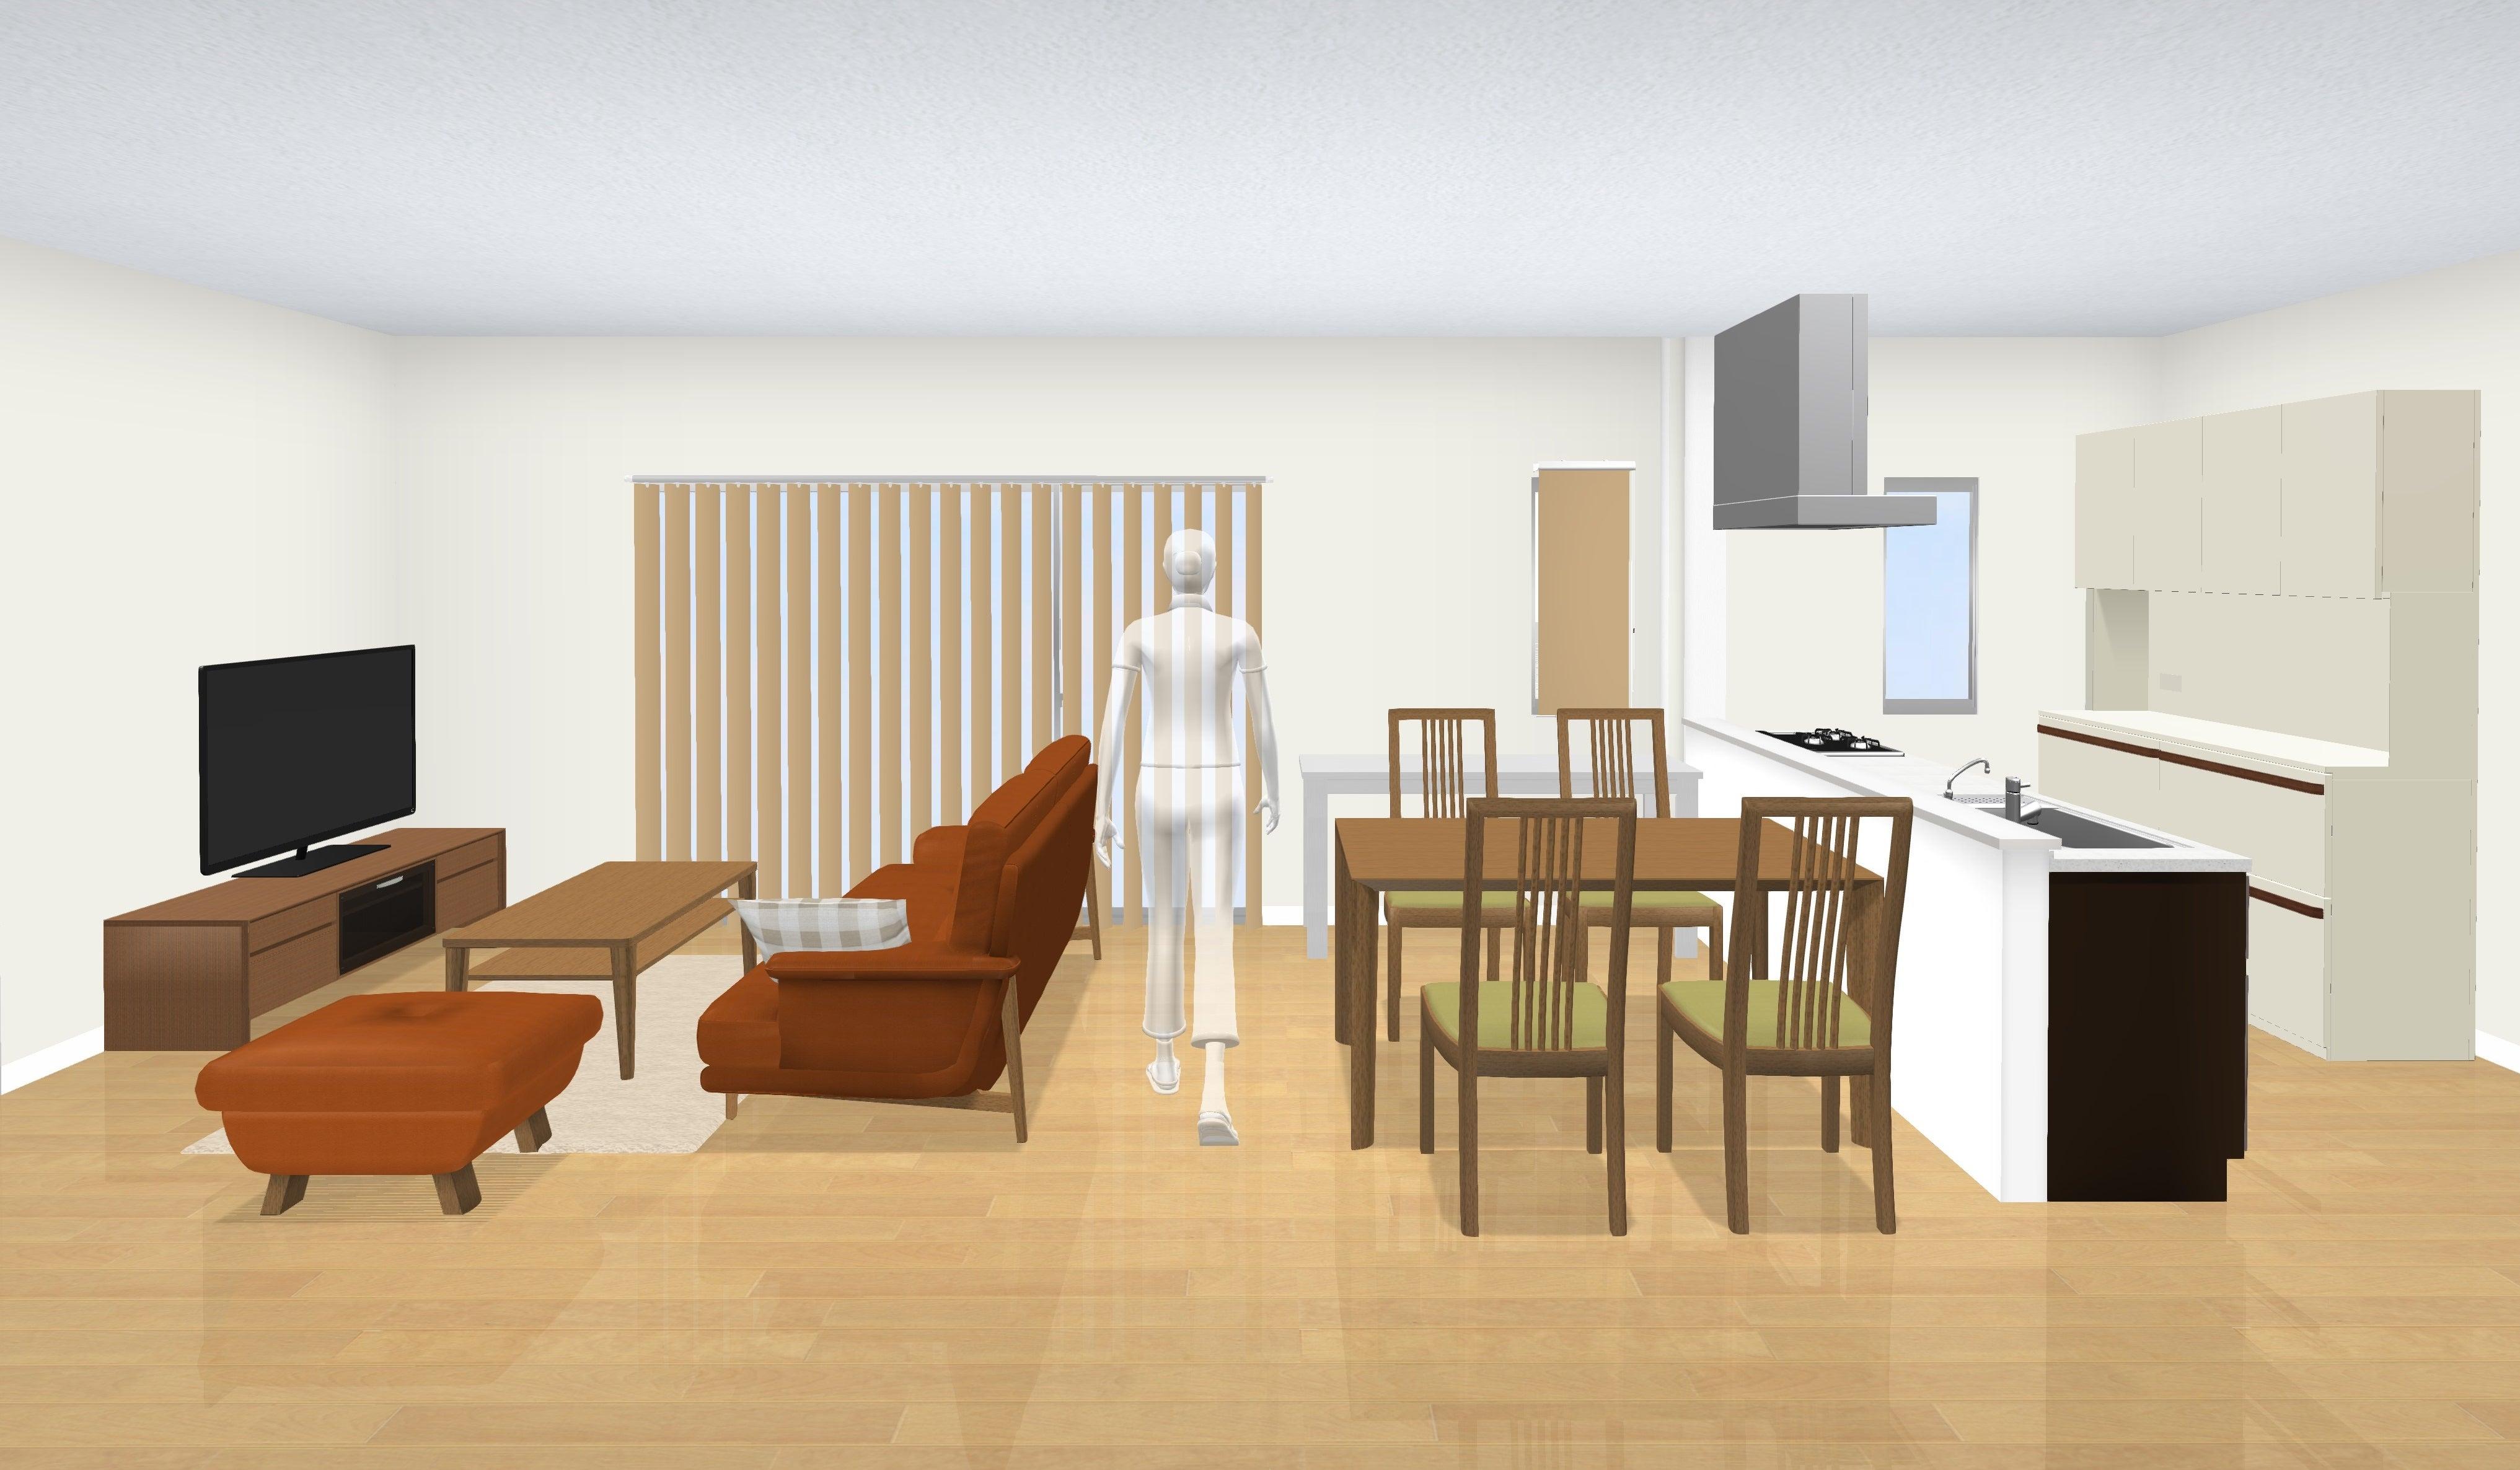 3Dシュミレーションでインテリアコーディネート|山本家具 | 岐阜県